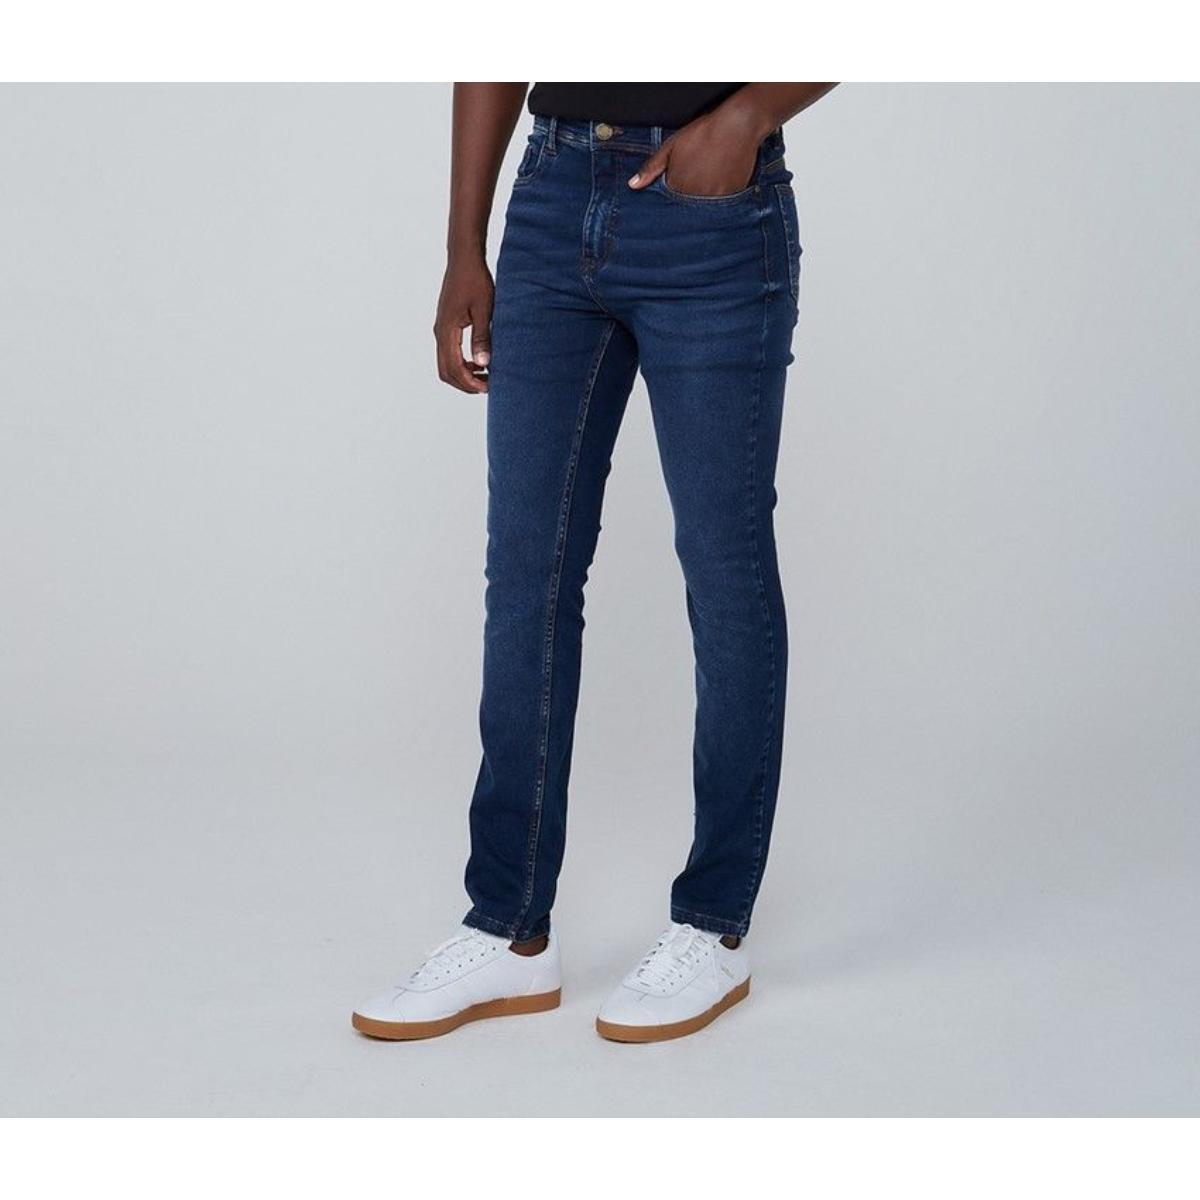 Calça Masculina Dzarm Zu6u 1asn Jeans Escuro